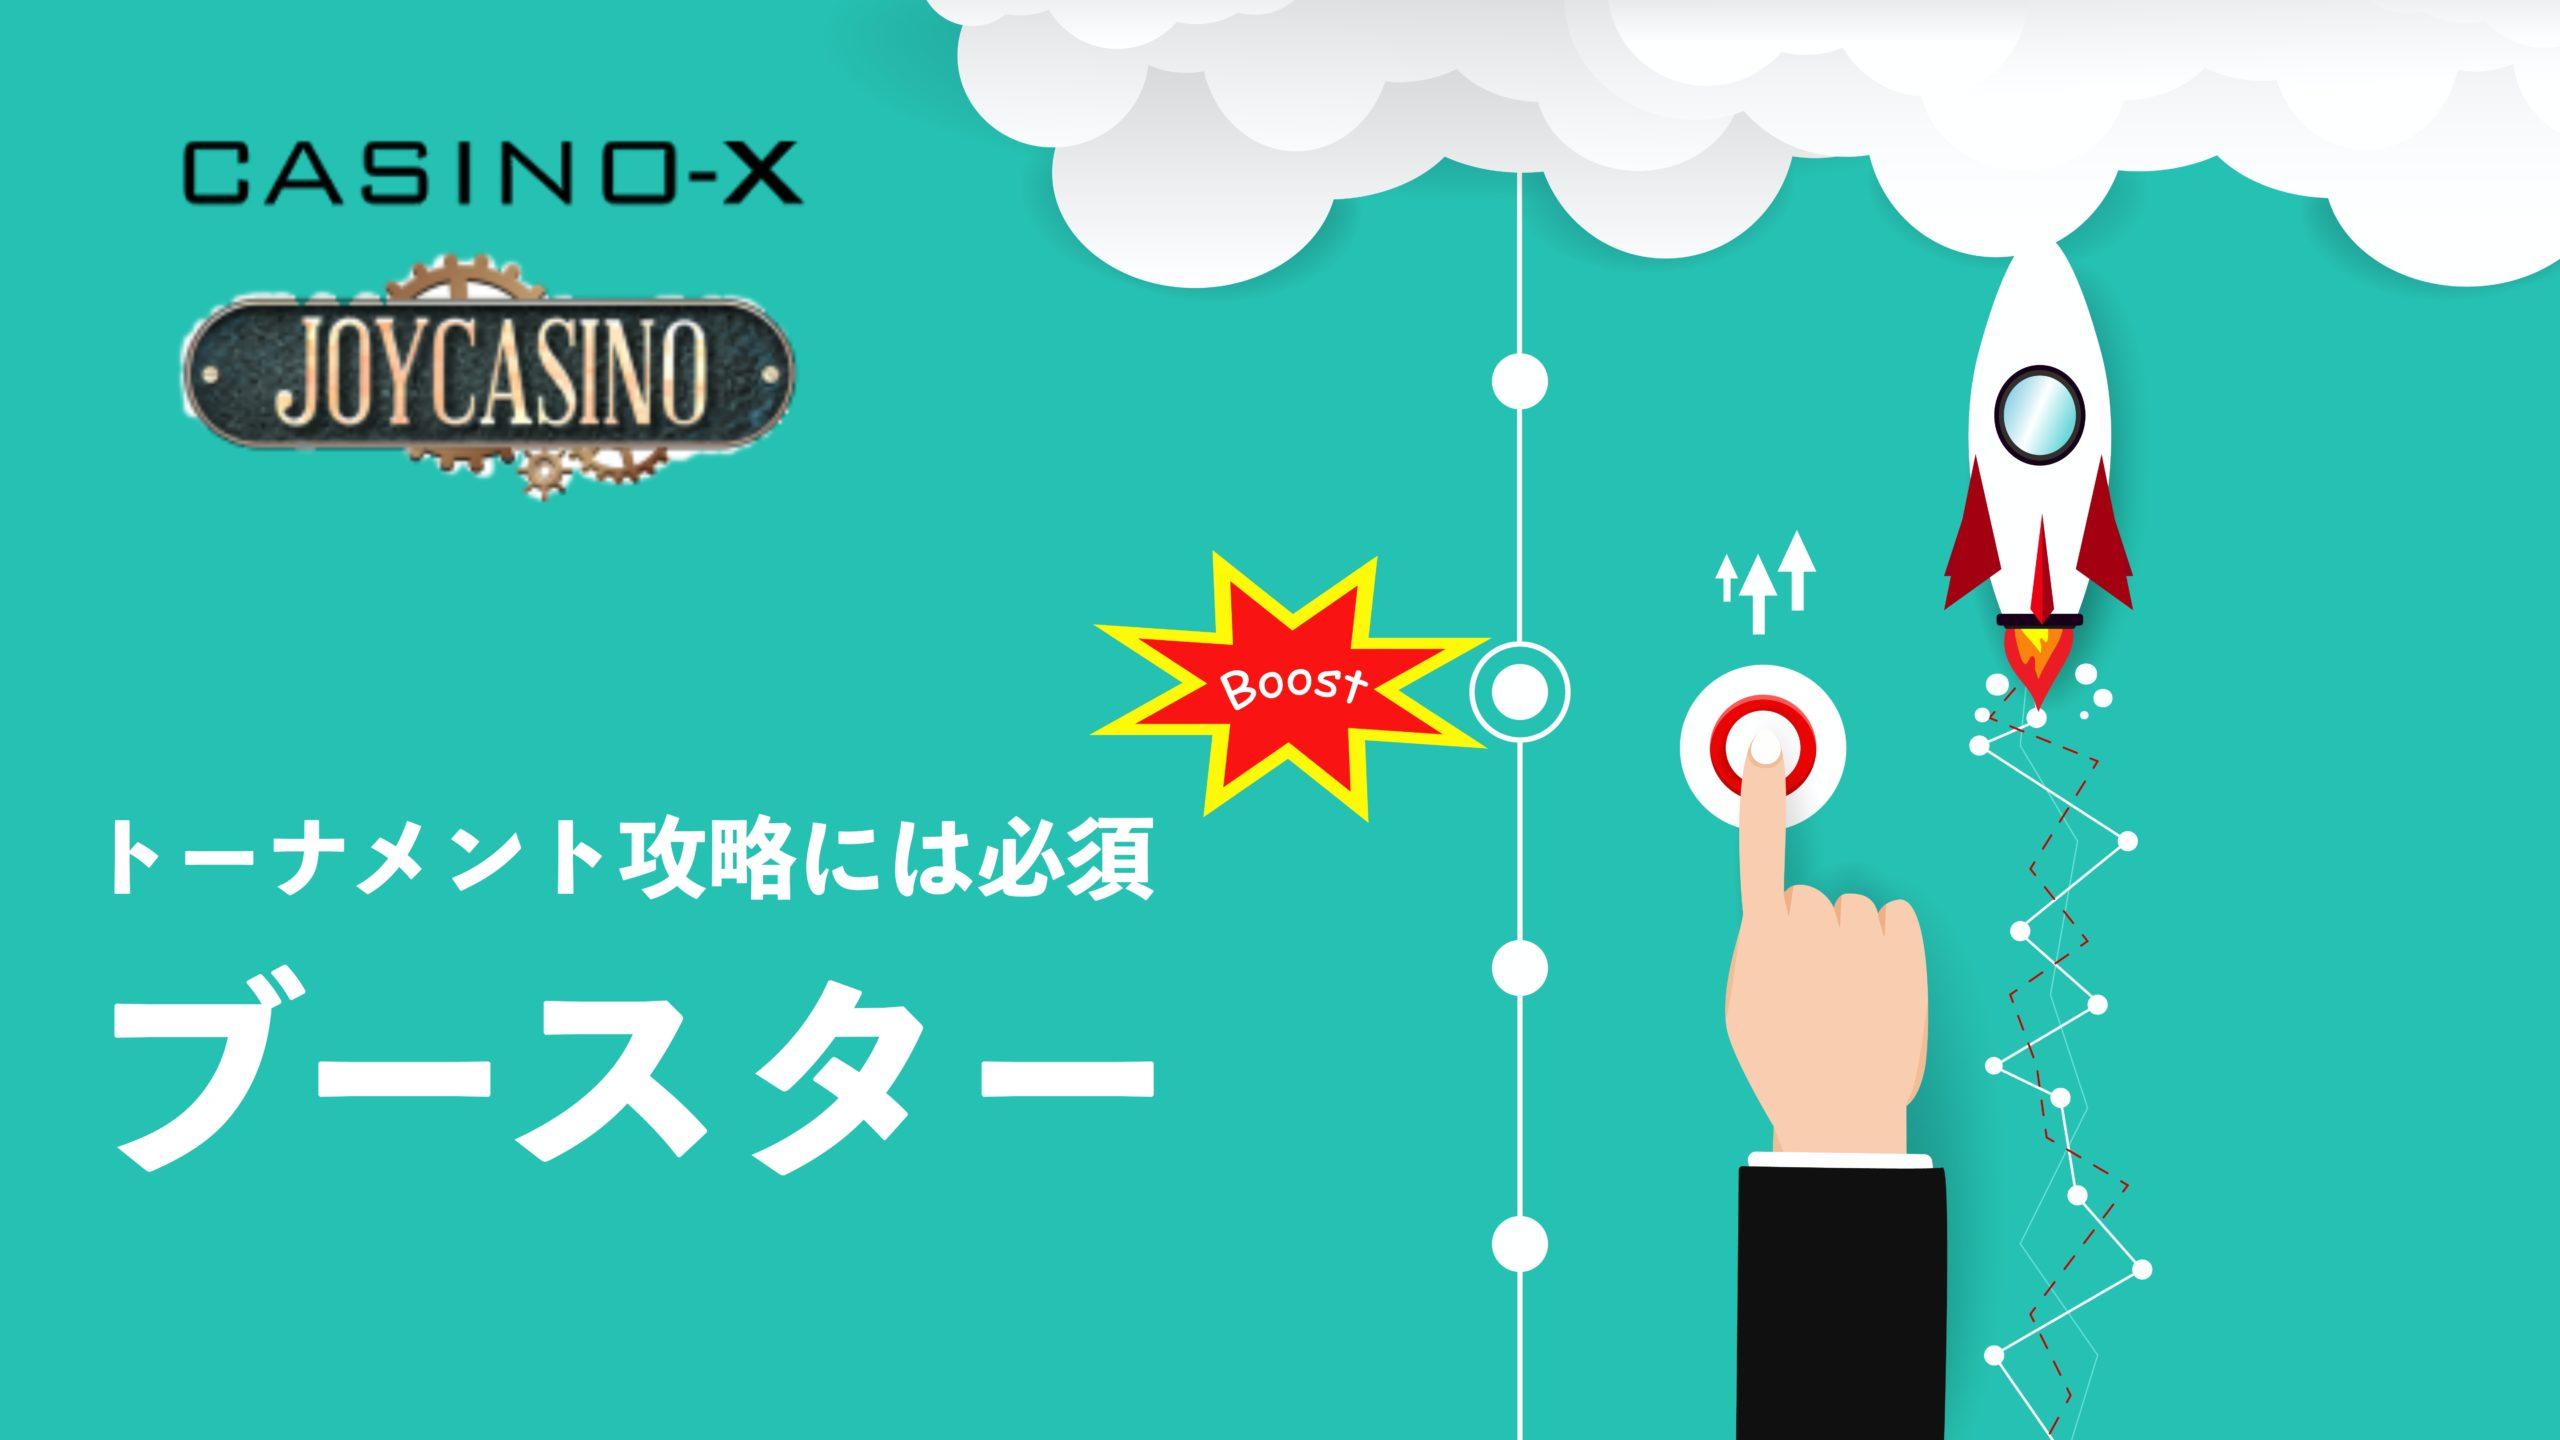 トーナメント攻略には必須|CASINO-X・JOYCASINOのブースター機能について徹底解説